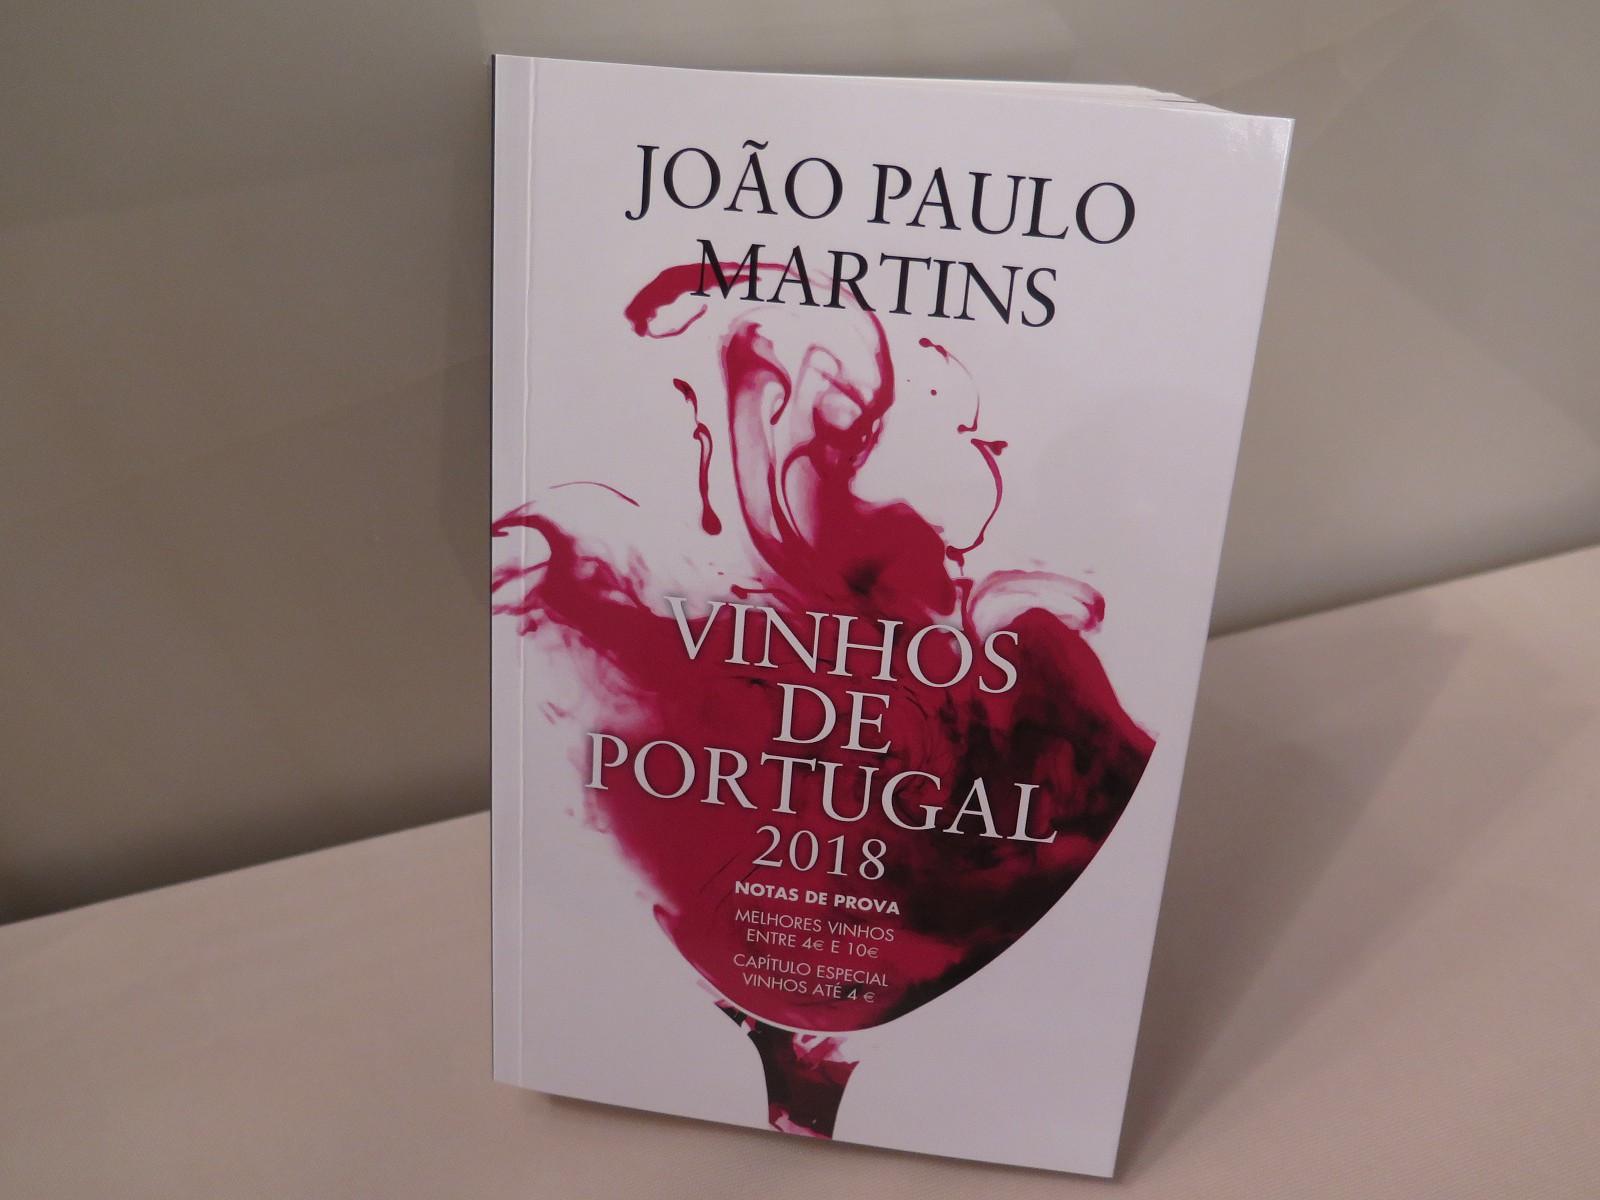 Vinhos de Portugal 2018